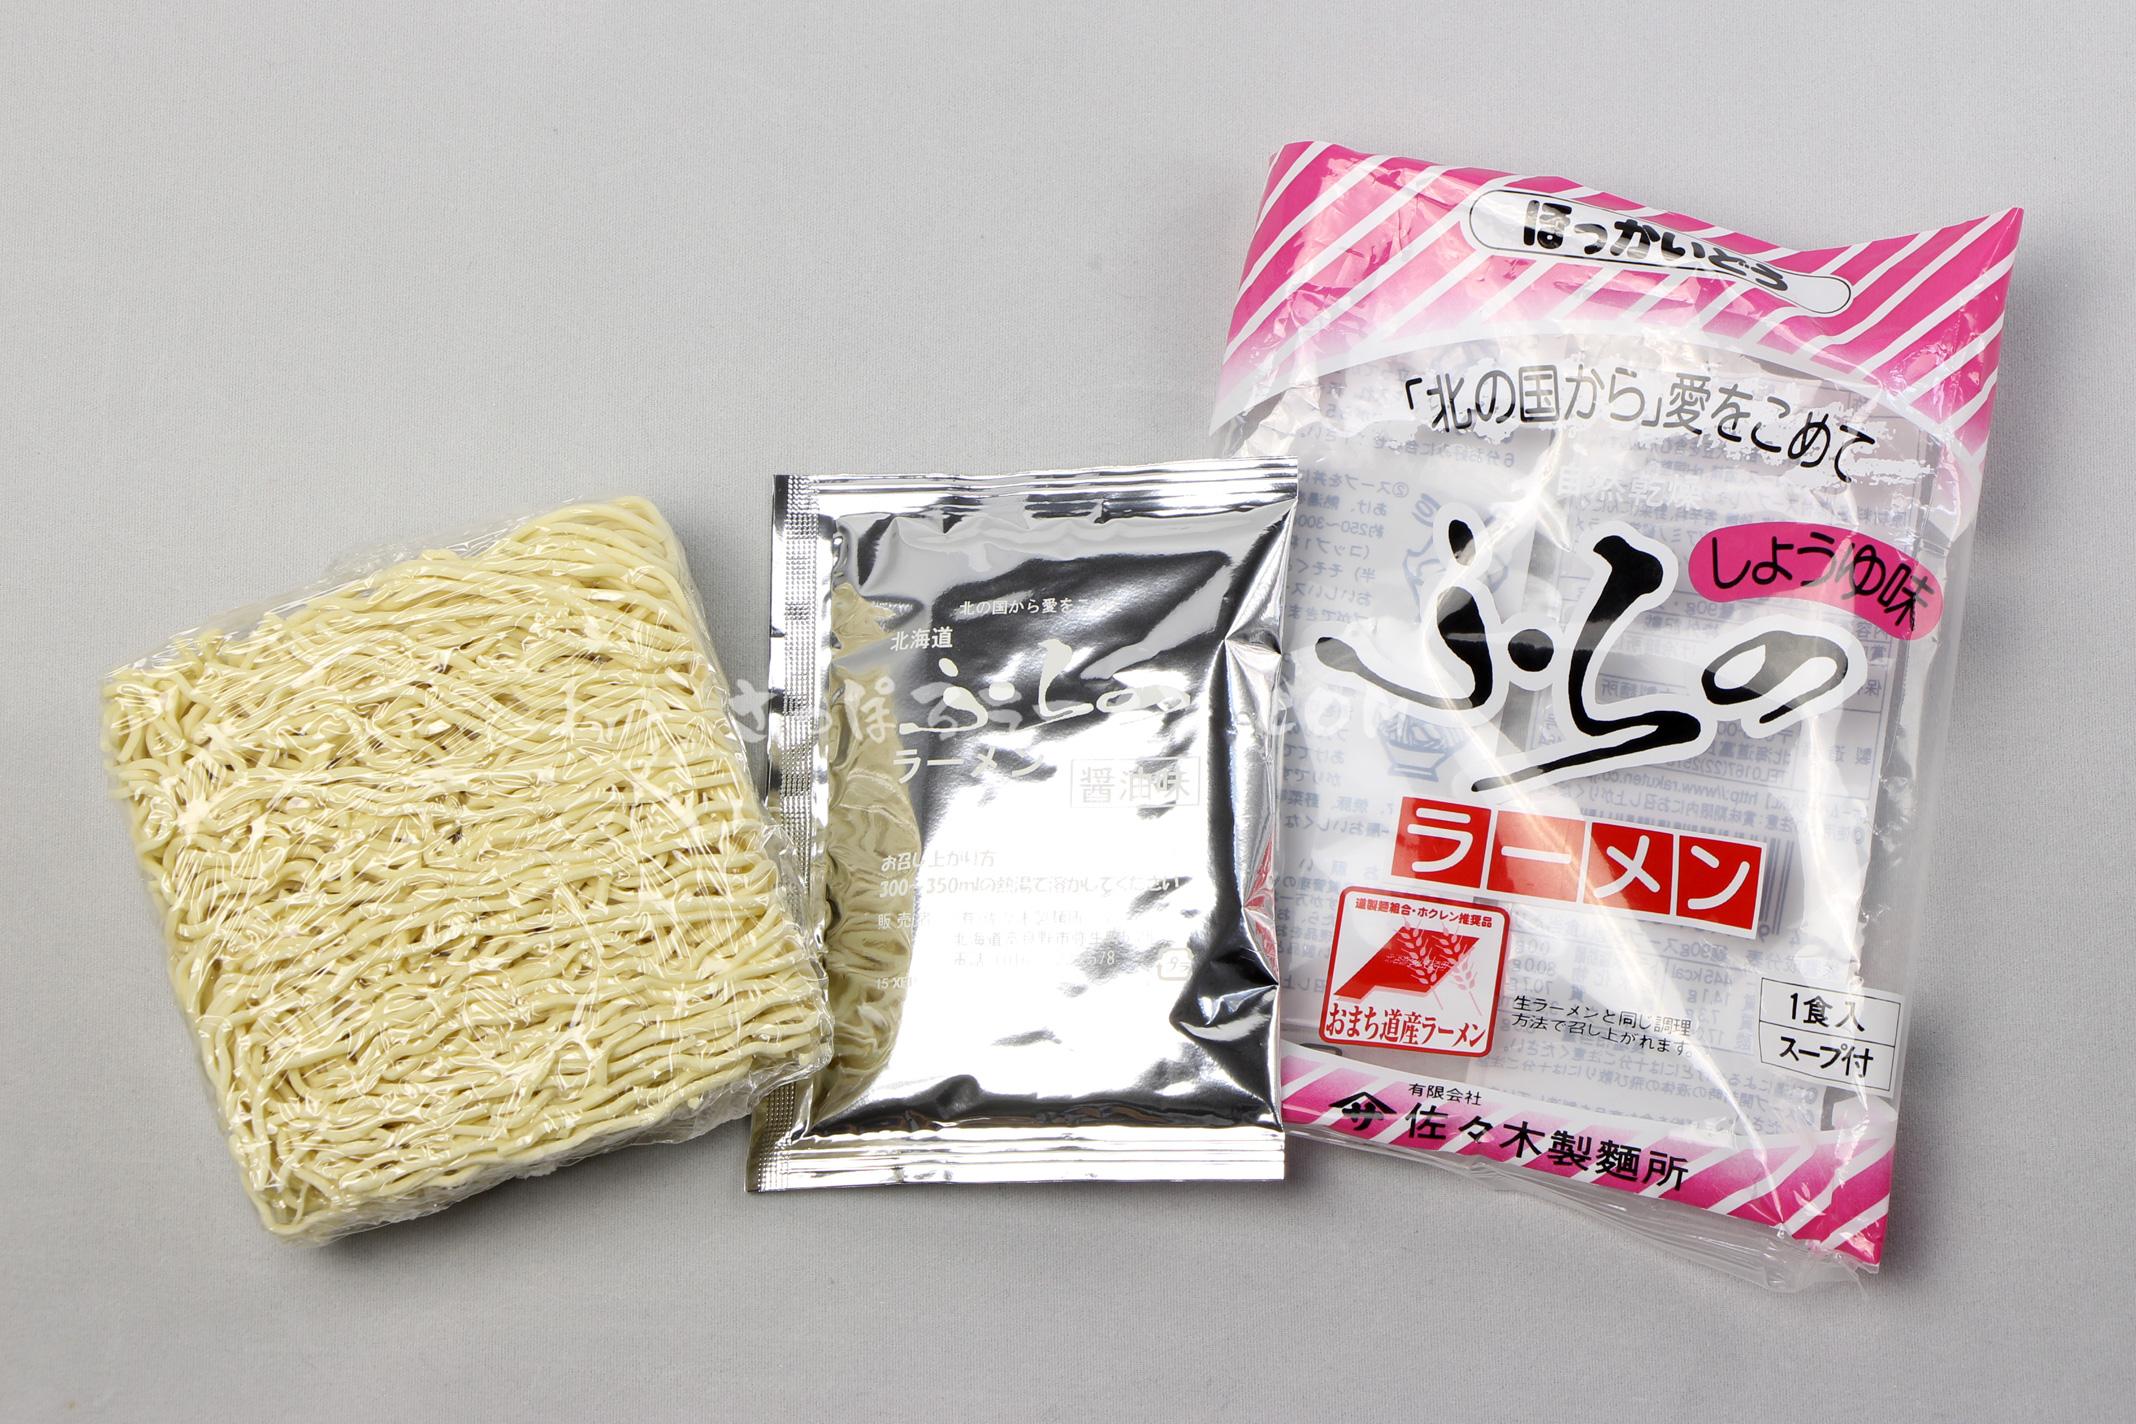 「ふらのラーメン(しょうゆ味)」(佐々木製麺所)の麺とスープ